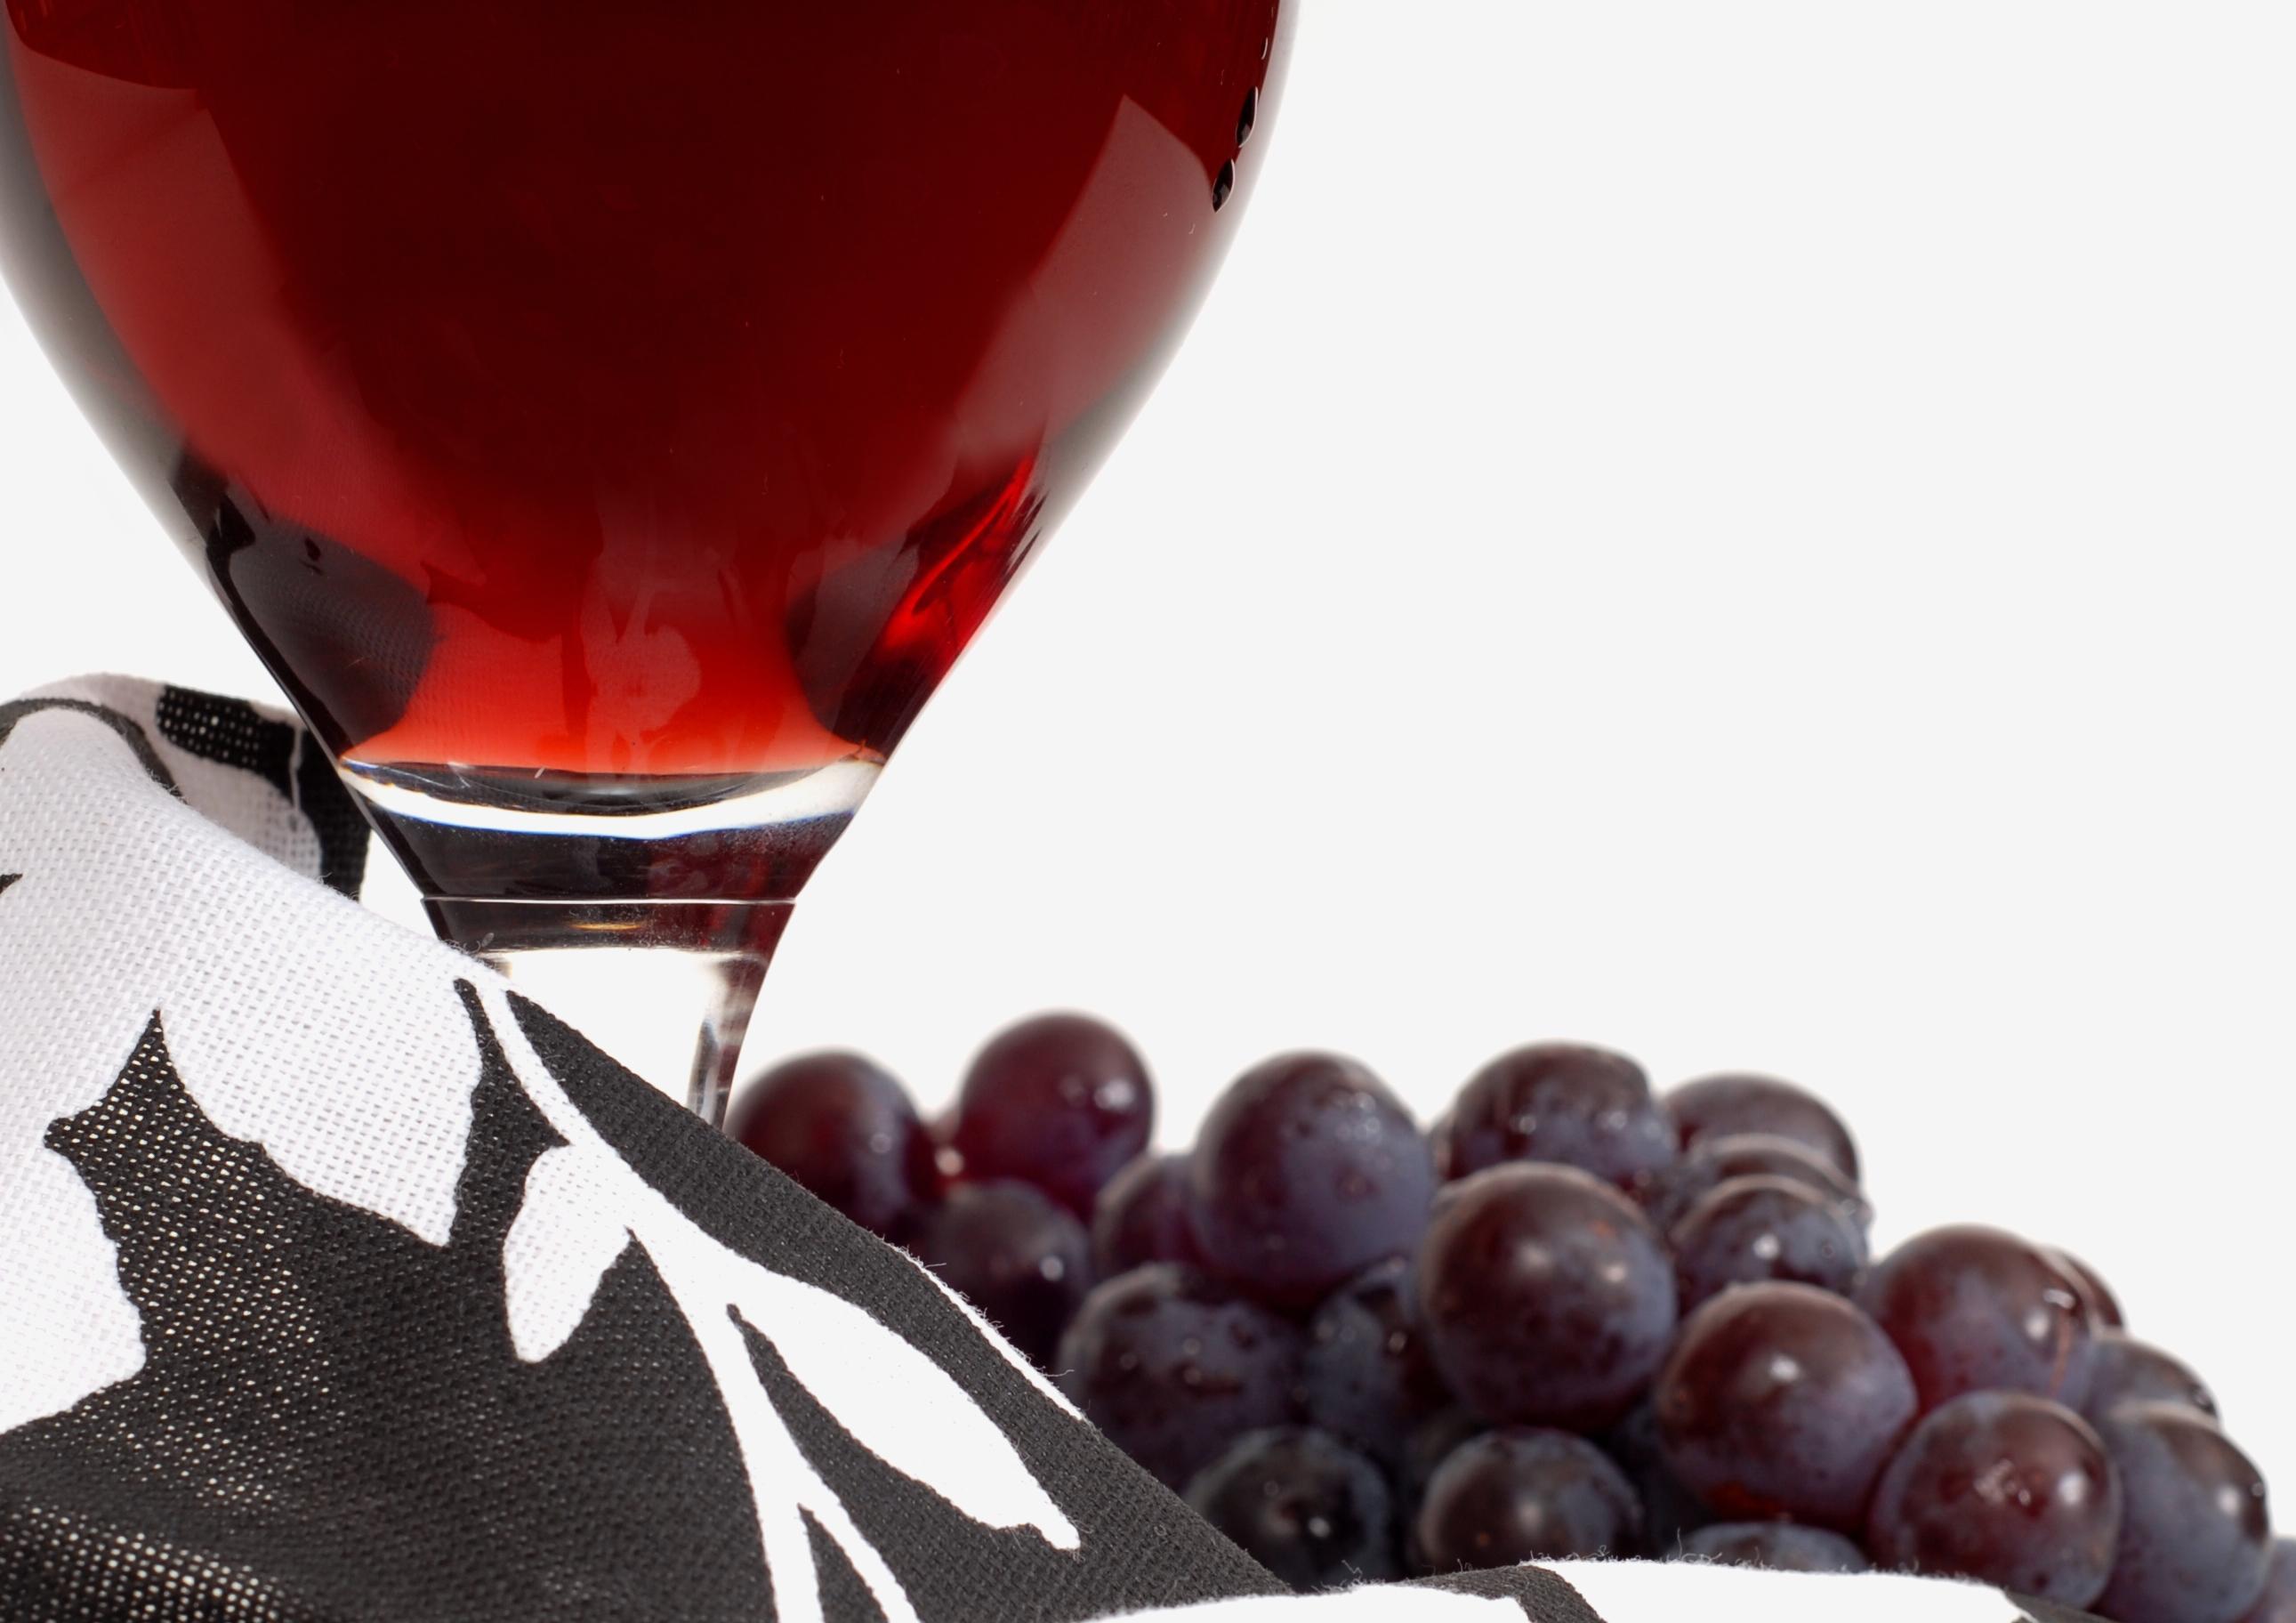 Production de vin : la France détrônée par l'Italie